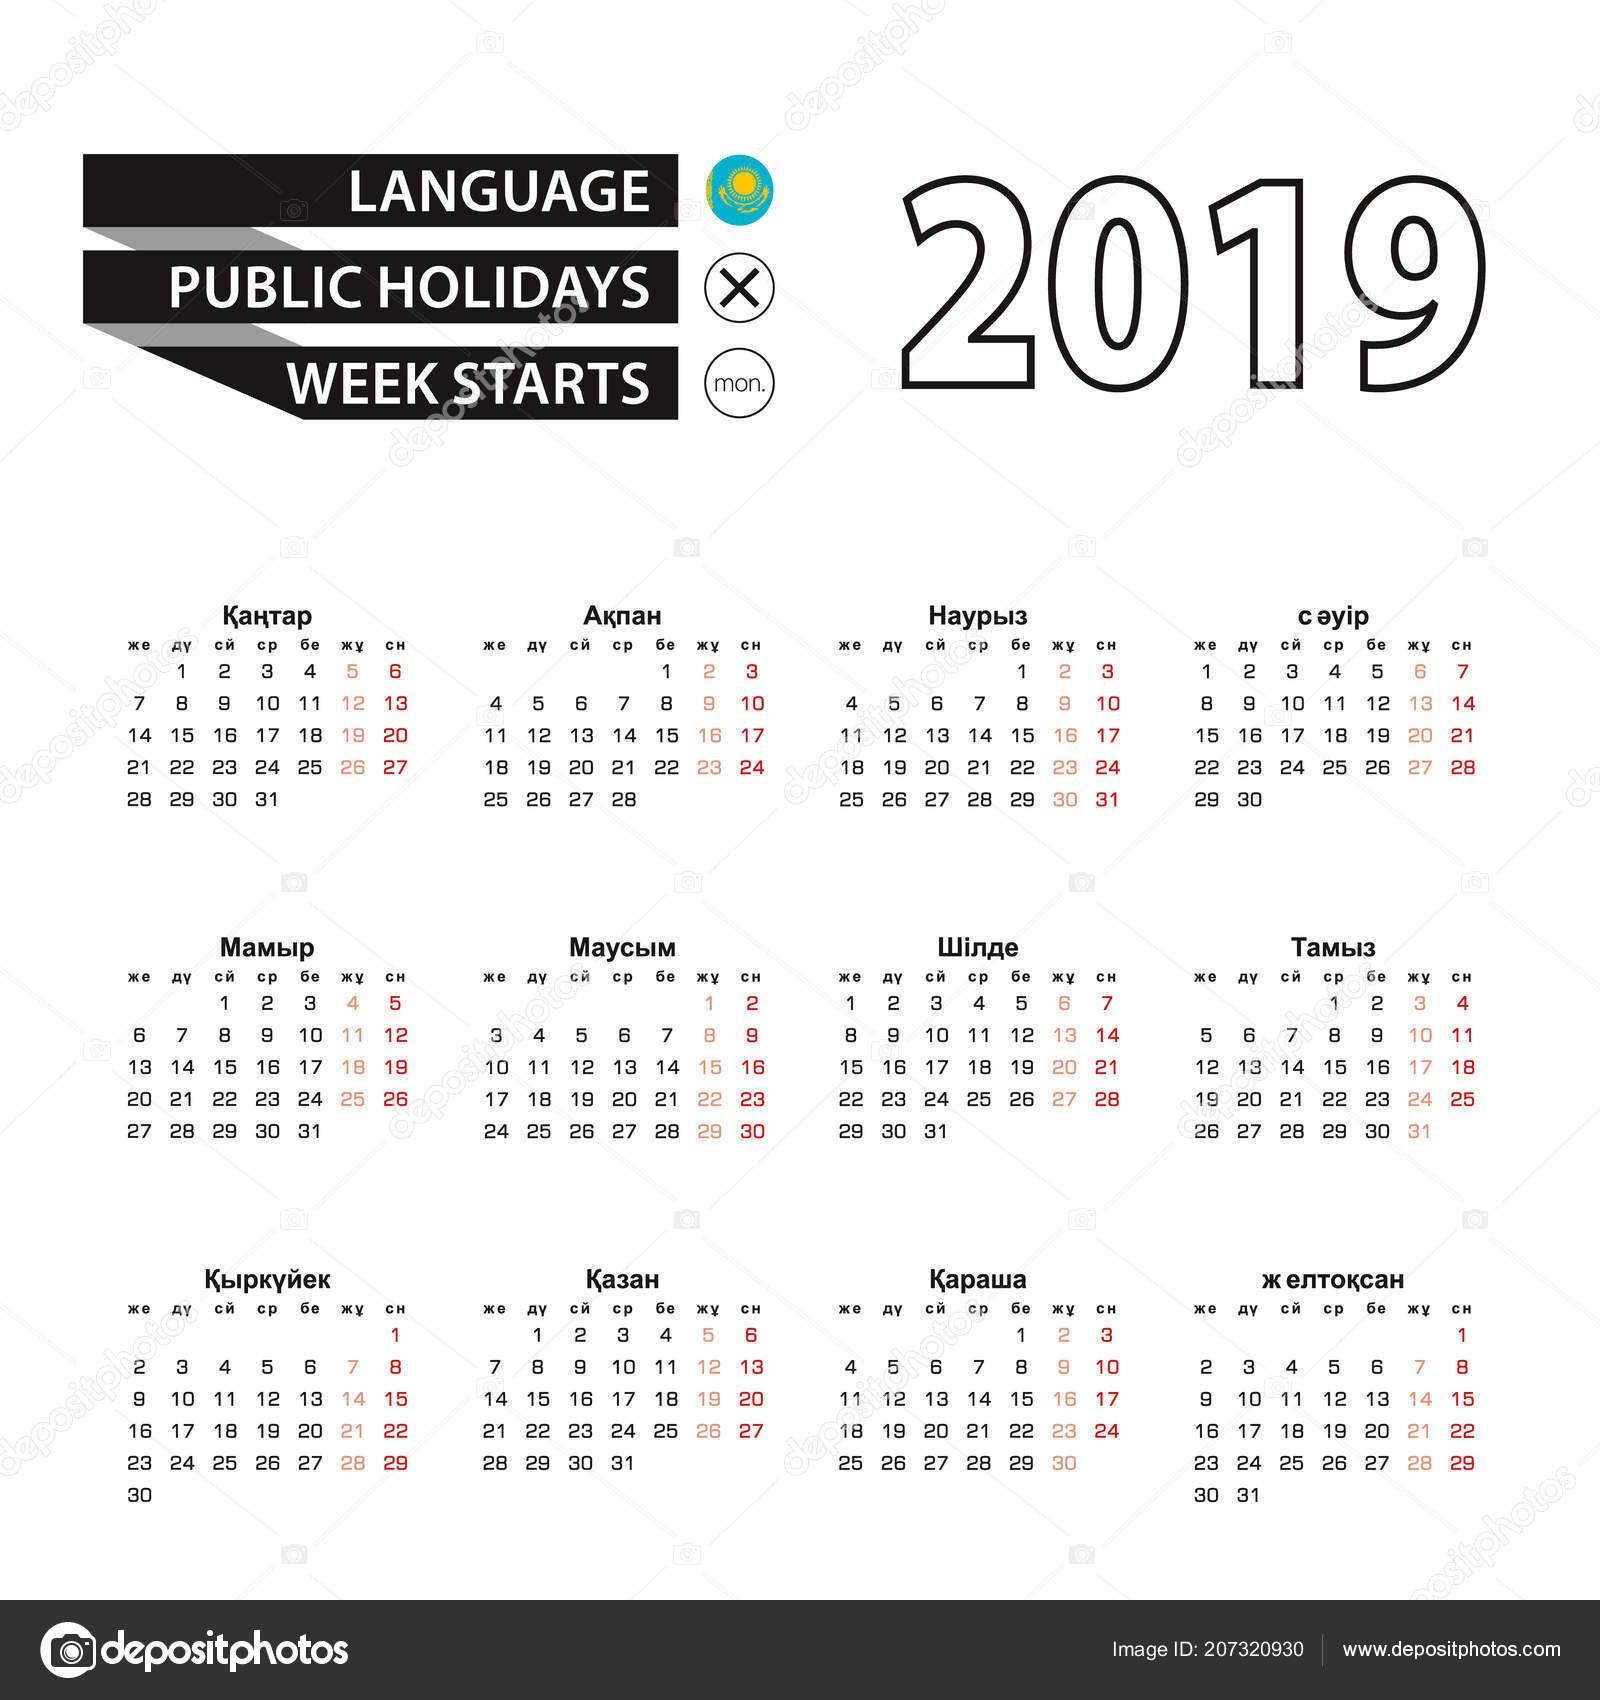 Календарь 2019 Казахском Языке Неделя Начинается Понедельник Вектор X Calendar 2019 Download